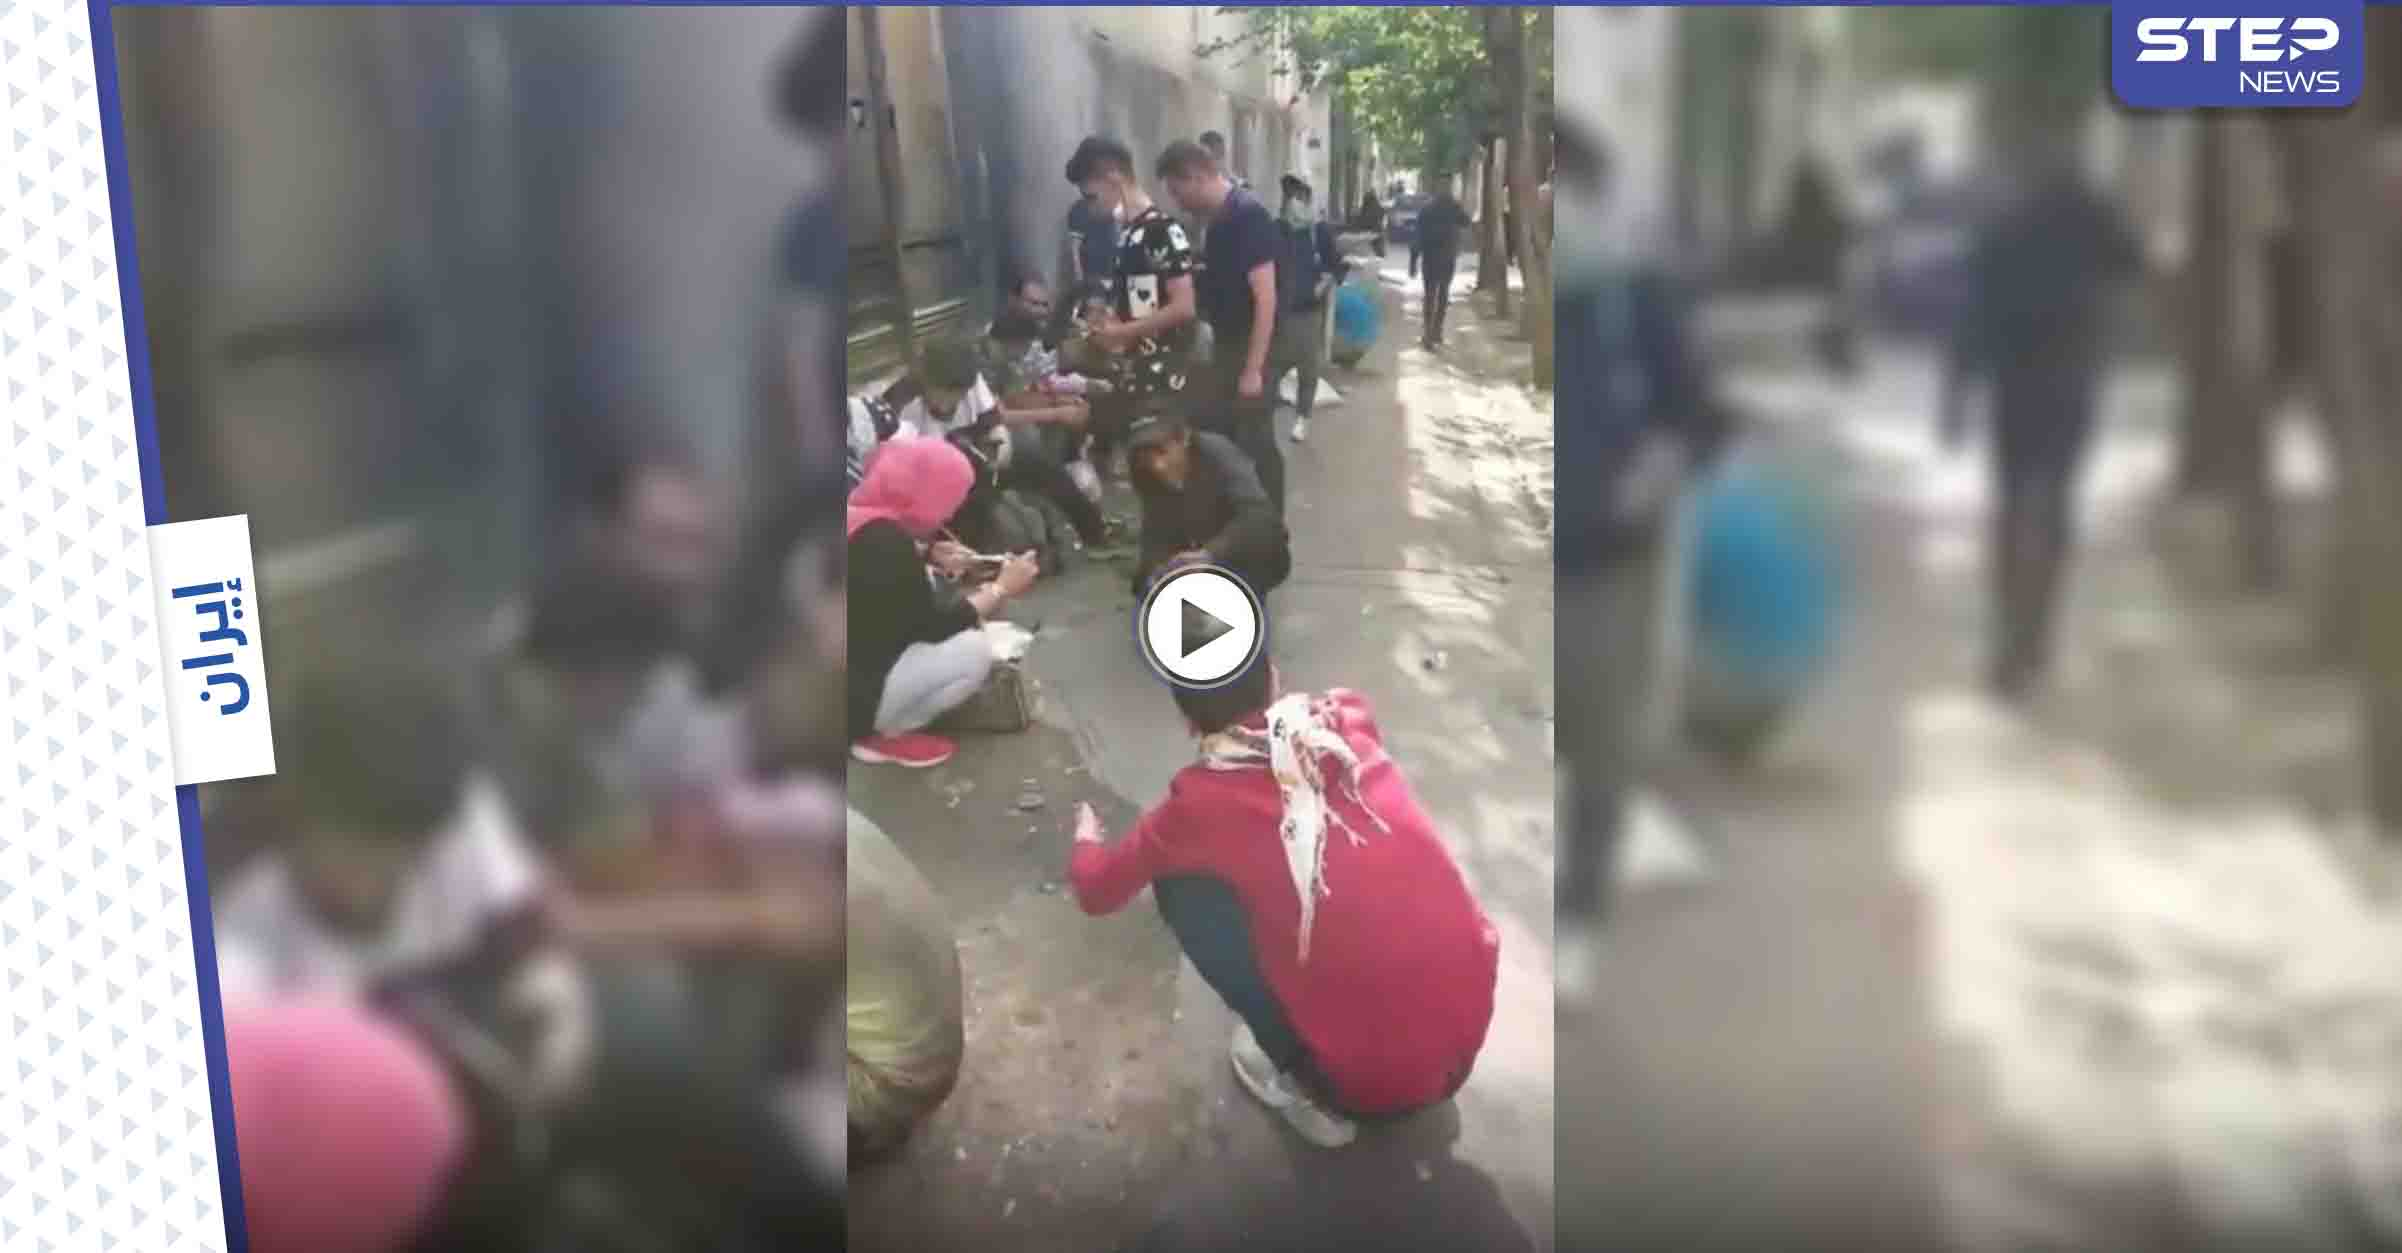 """أحداث ساخنة في إيران.. شاب يحرق سيارته ويصف خامنئي بـ""""الضبع"""" وحفلة تعاطي جماعية أمام الكاميرات (فيديو)"""